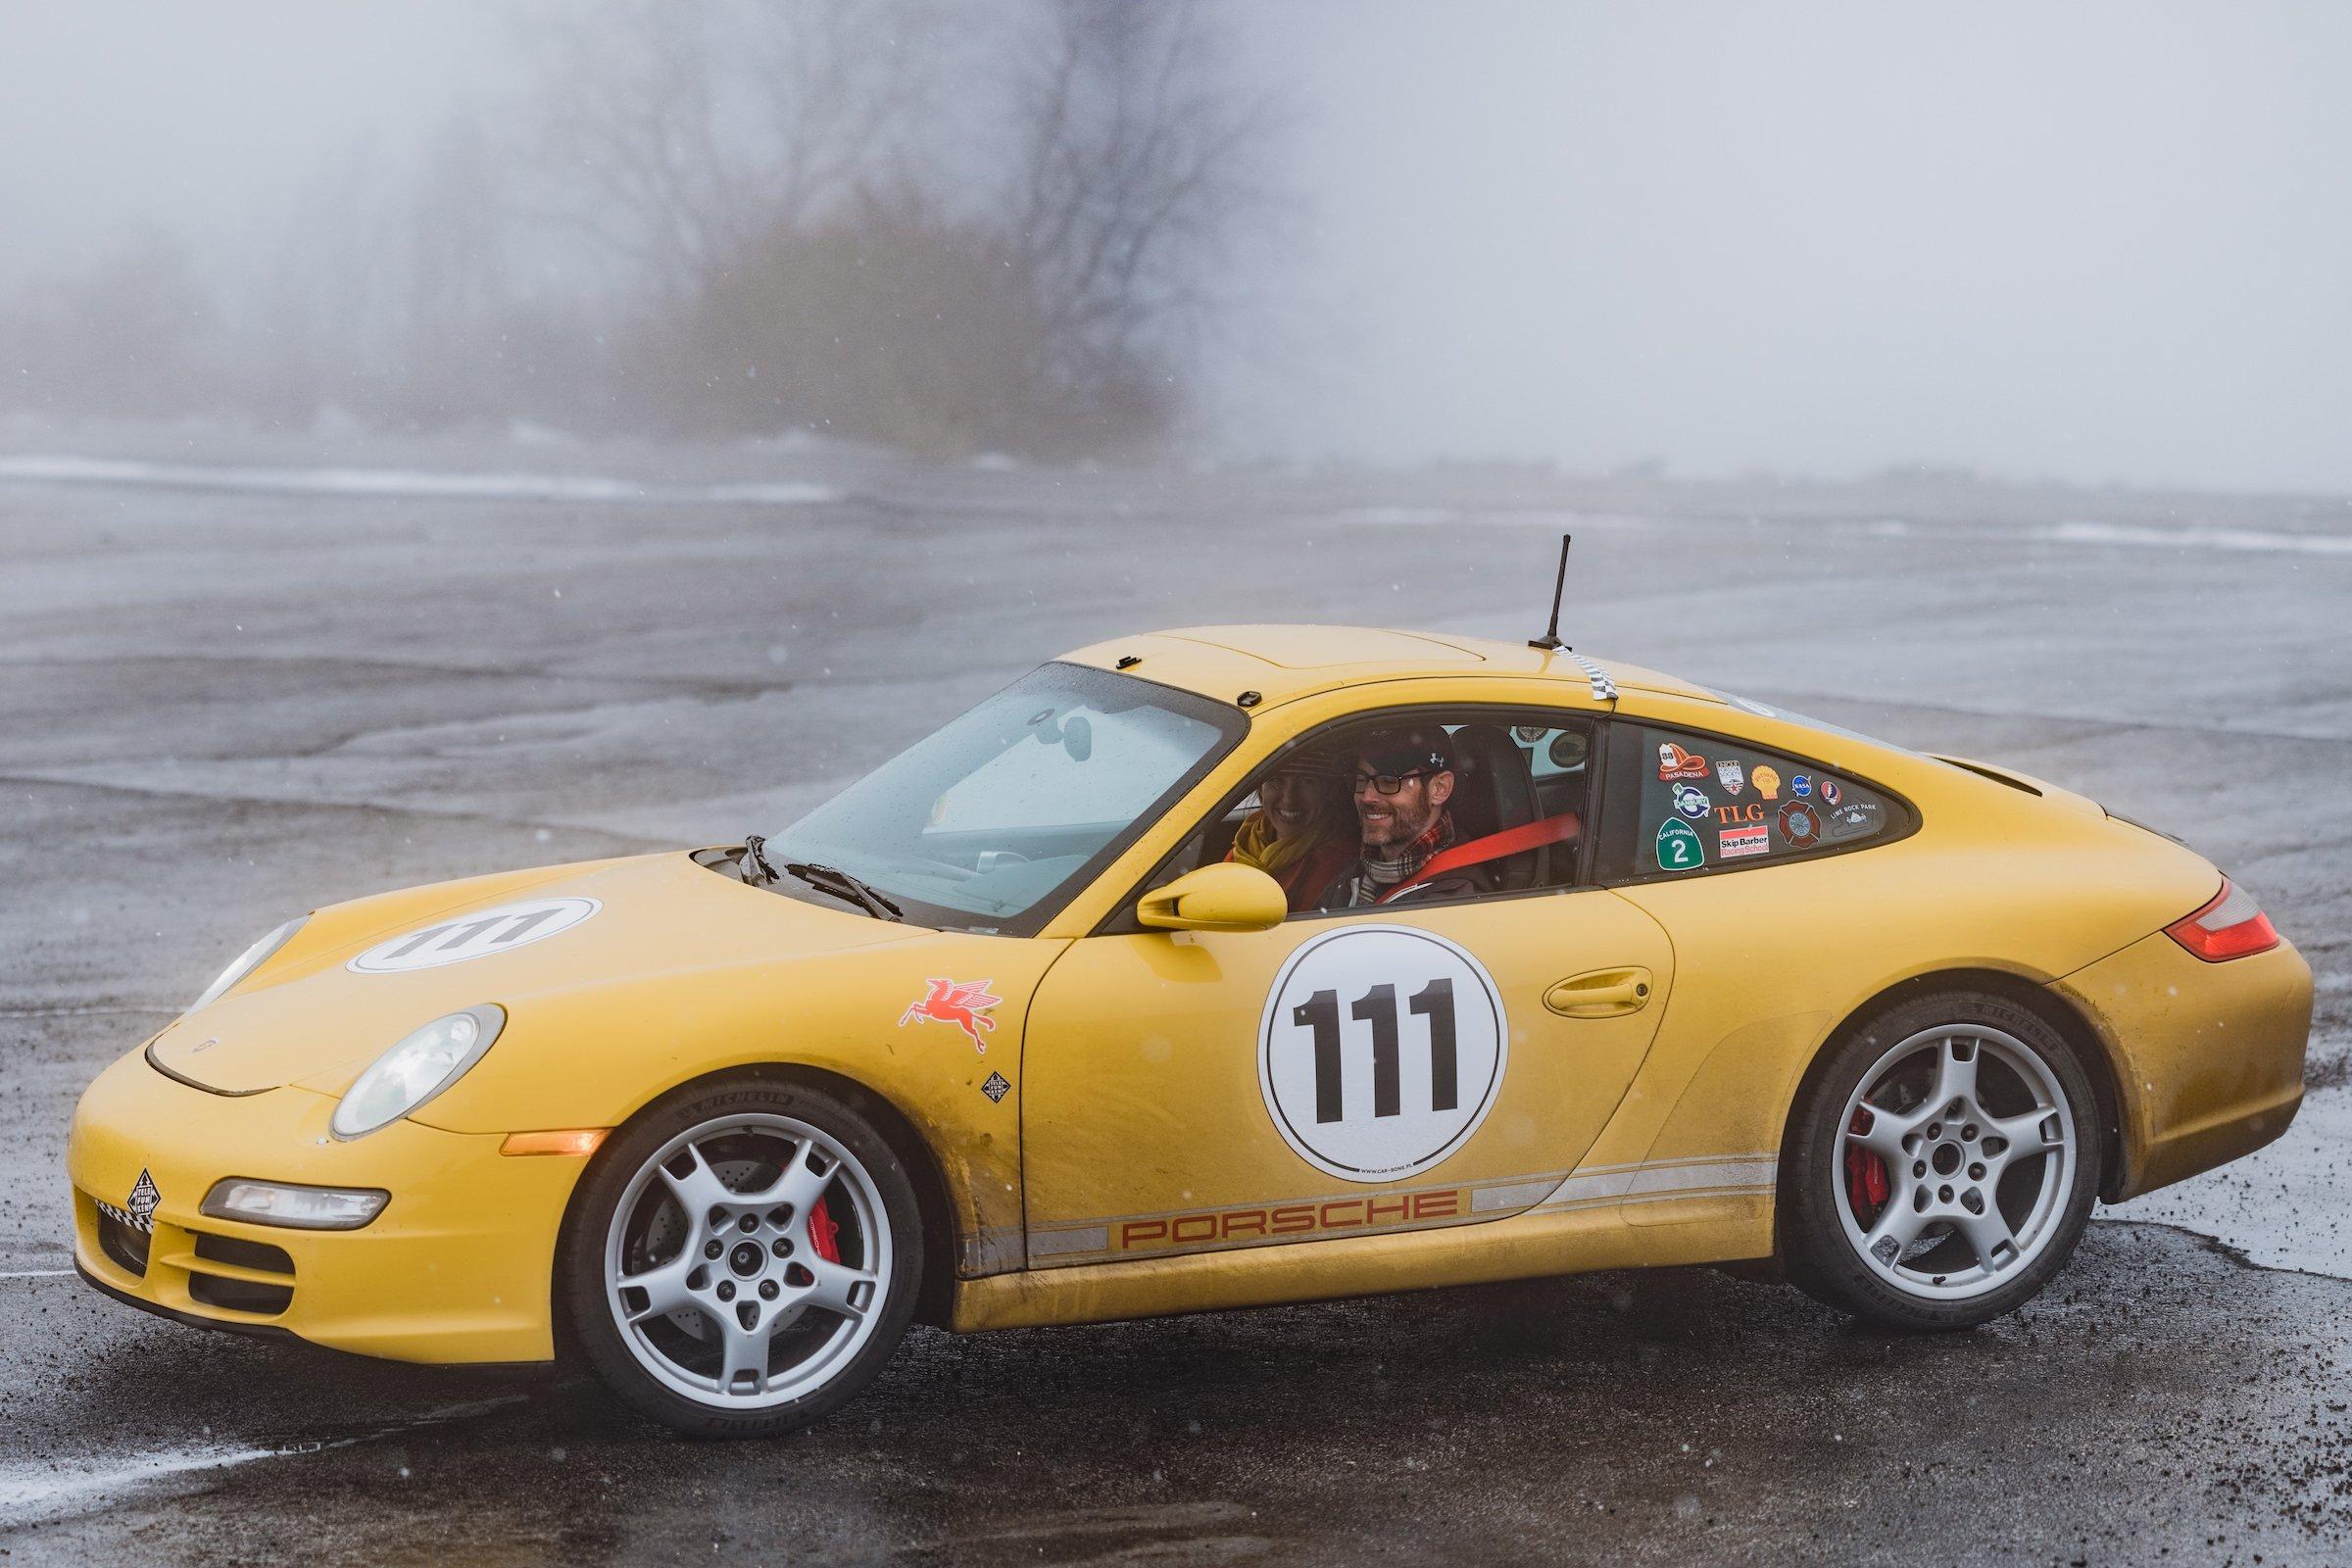 Porsche 997 911 S